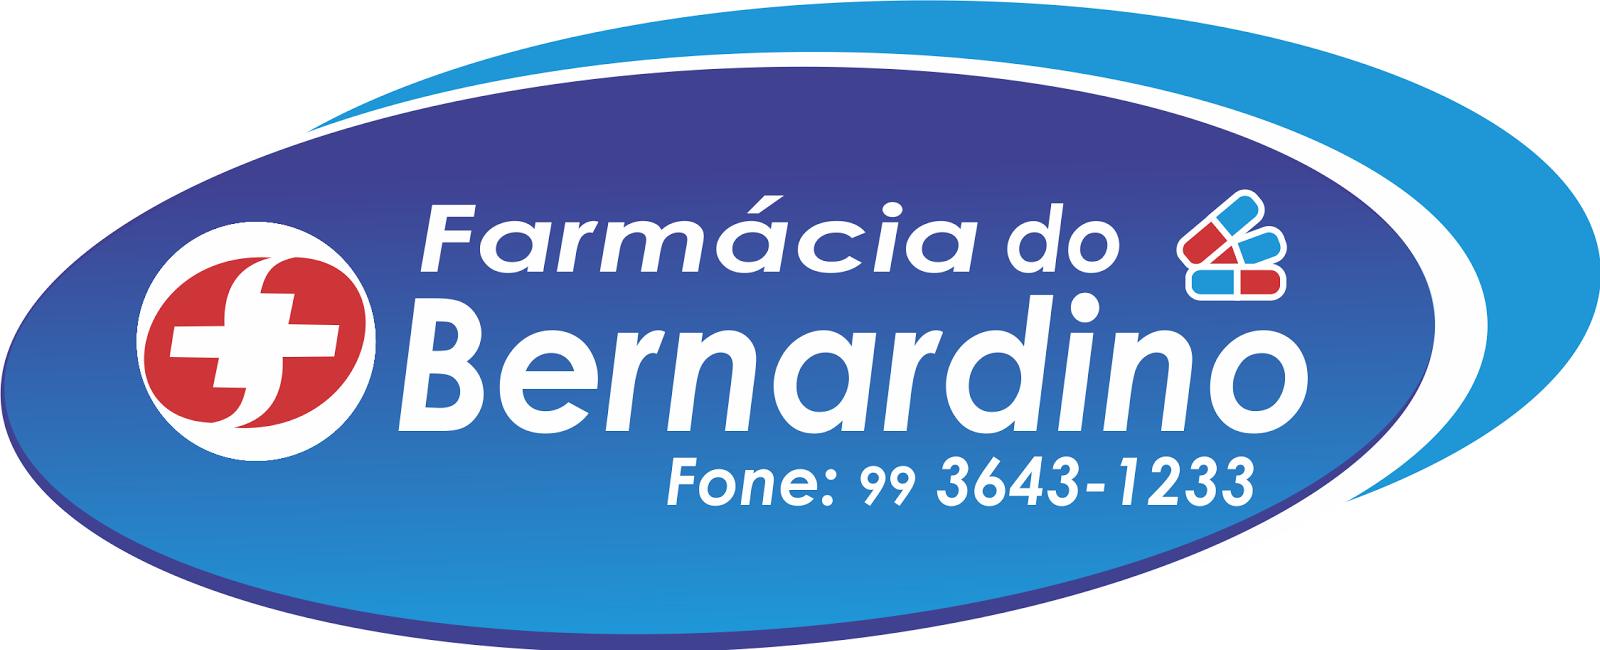 Farmácia do Bernardino